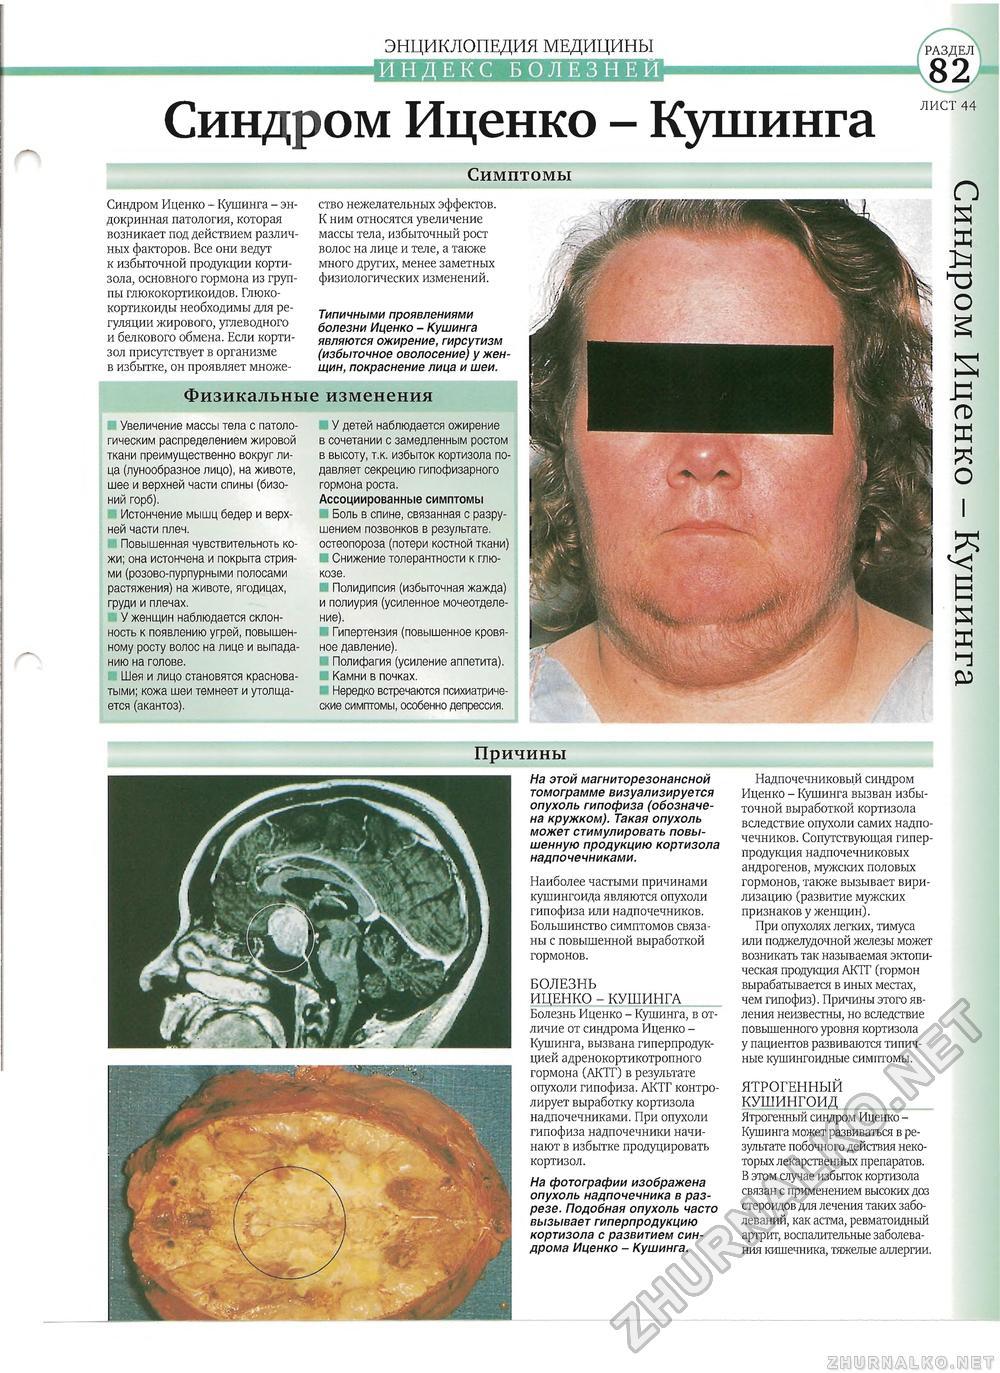 Вторичный гиперкортицизм или болезнь иценко-кушинга!